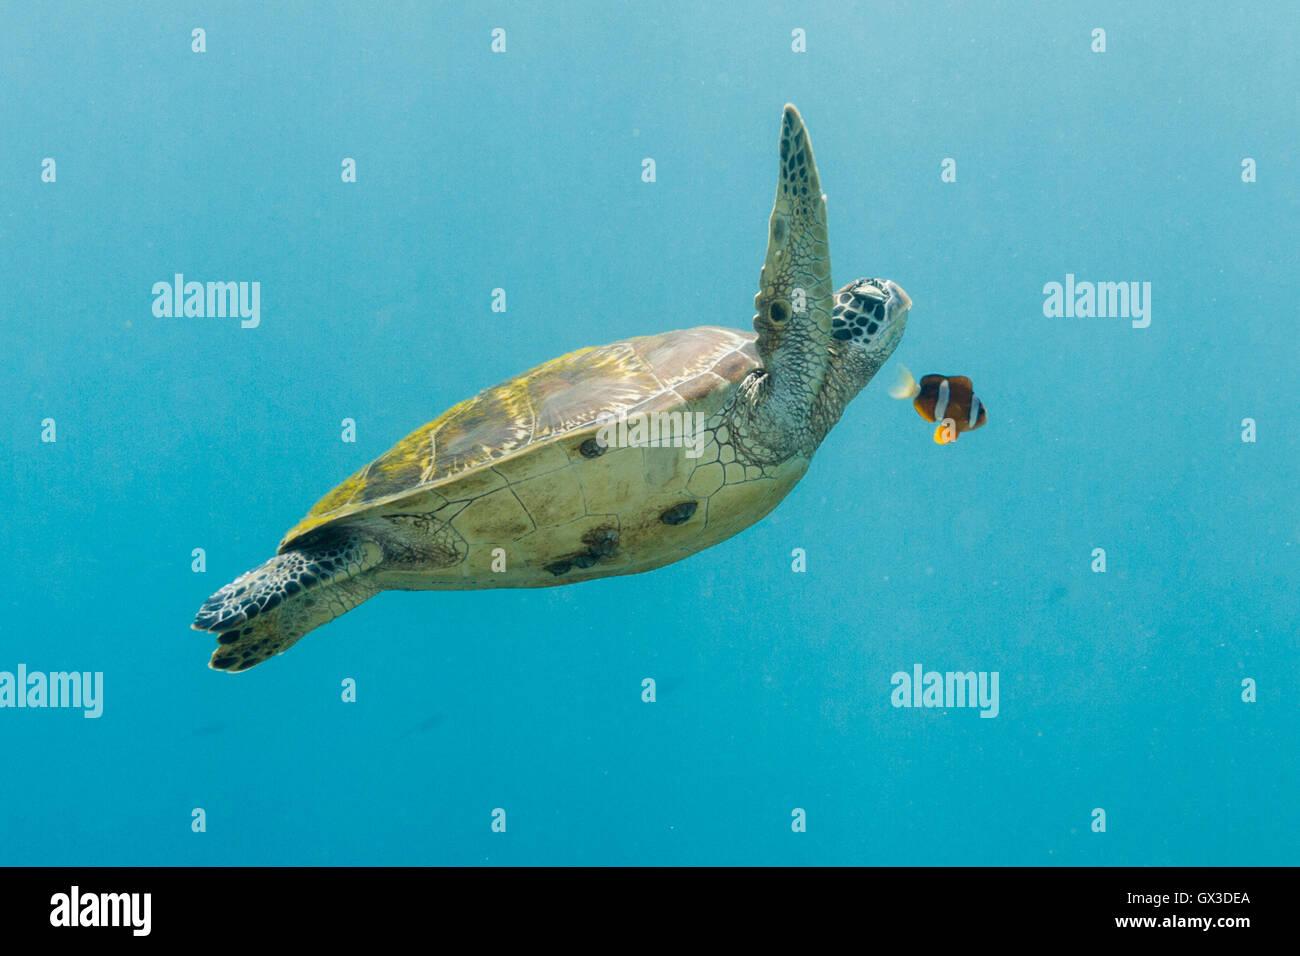 APO Island, Philippinen.  15. September 2016.  In einer Szene direkt aus findet Nemo diese Suppenschildkröte Stockbild